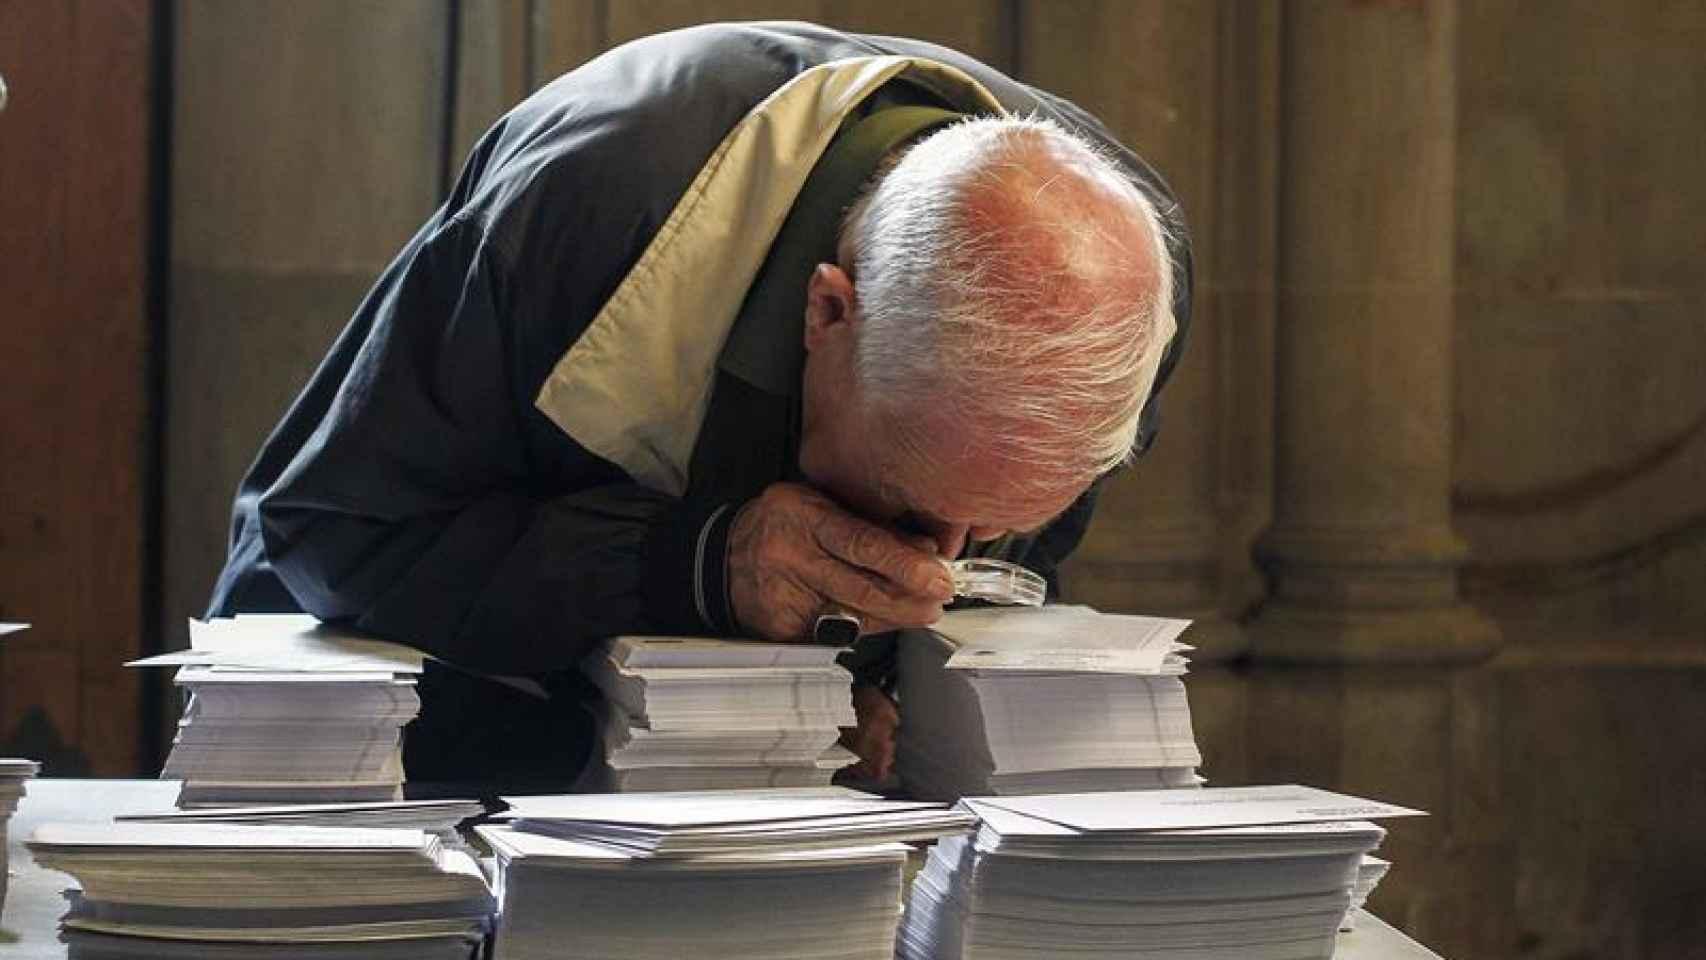 Un hombre observa con una lupa las papeletas de los diferentes partidos.